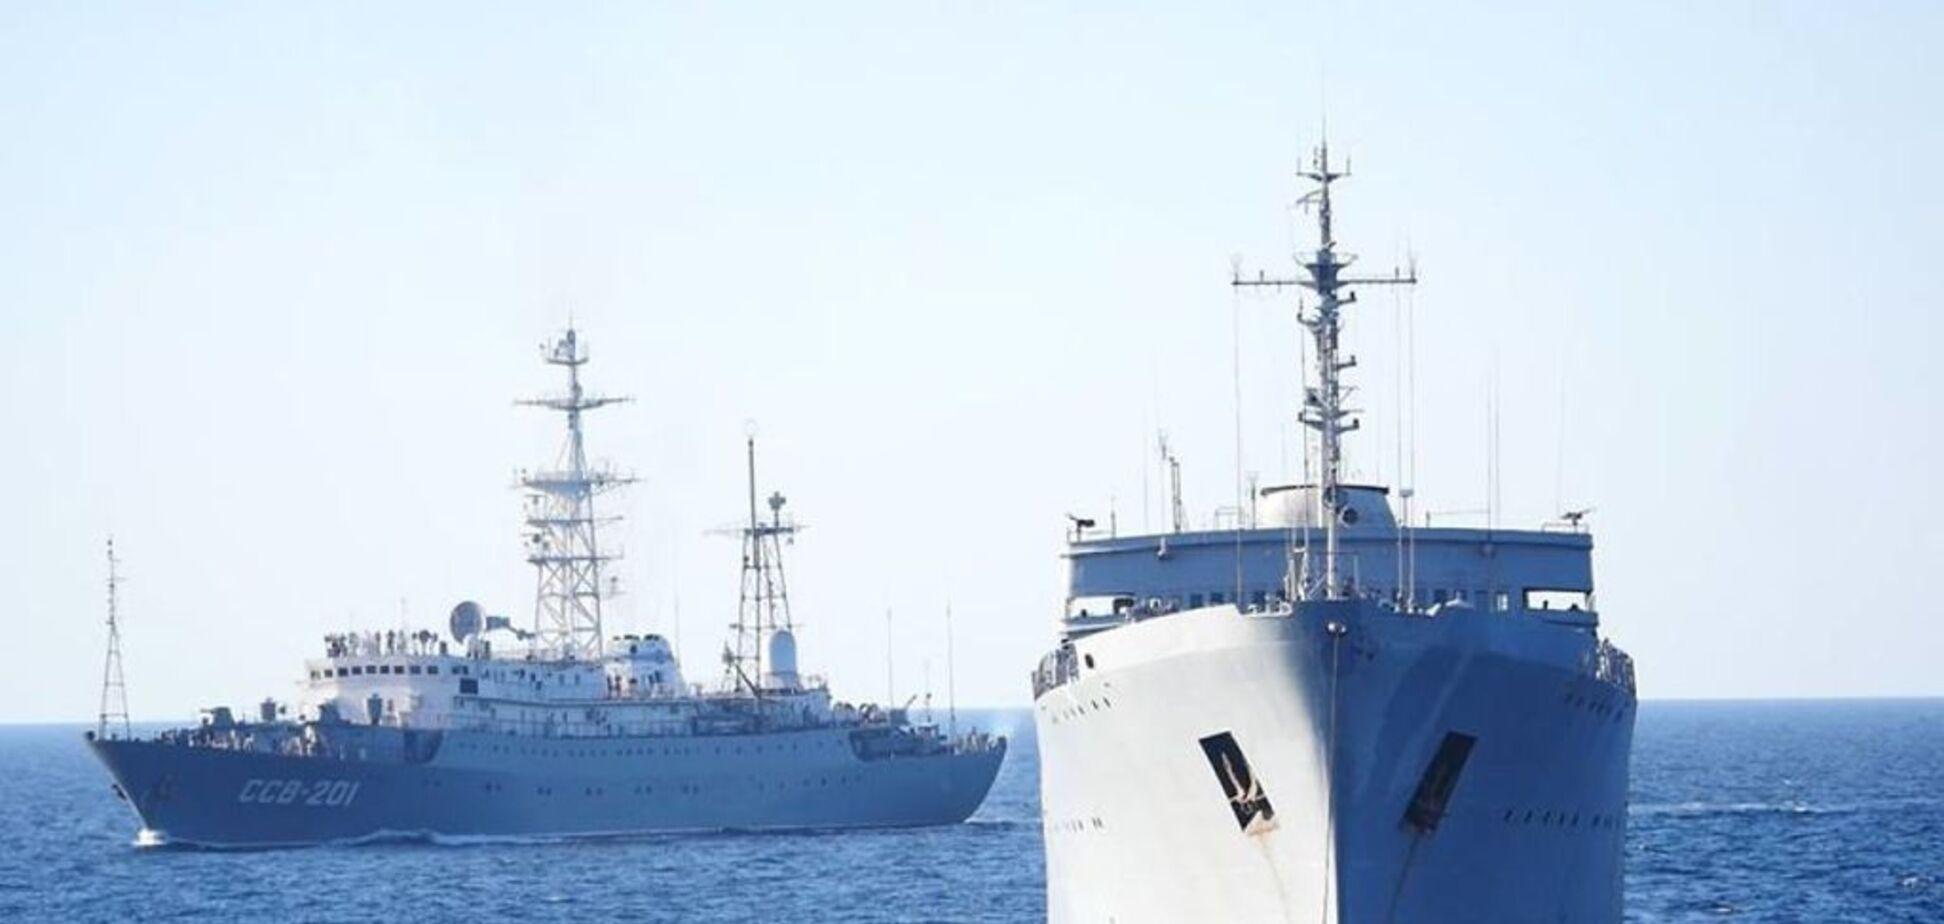 Украина готовит отпор России на море: что известно